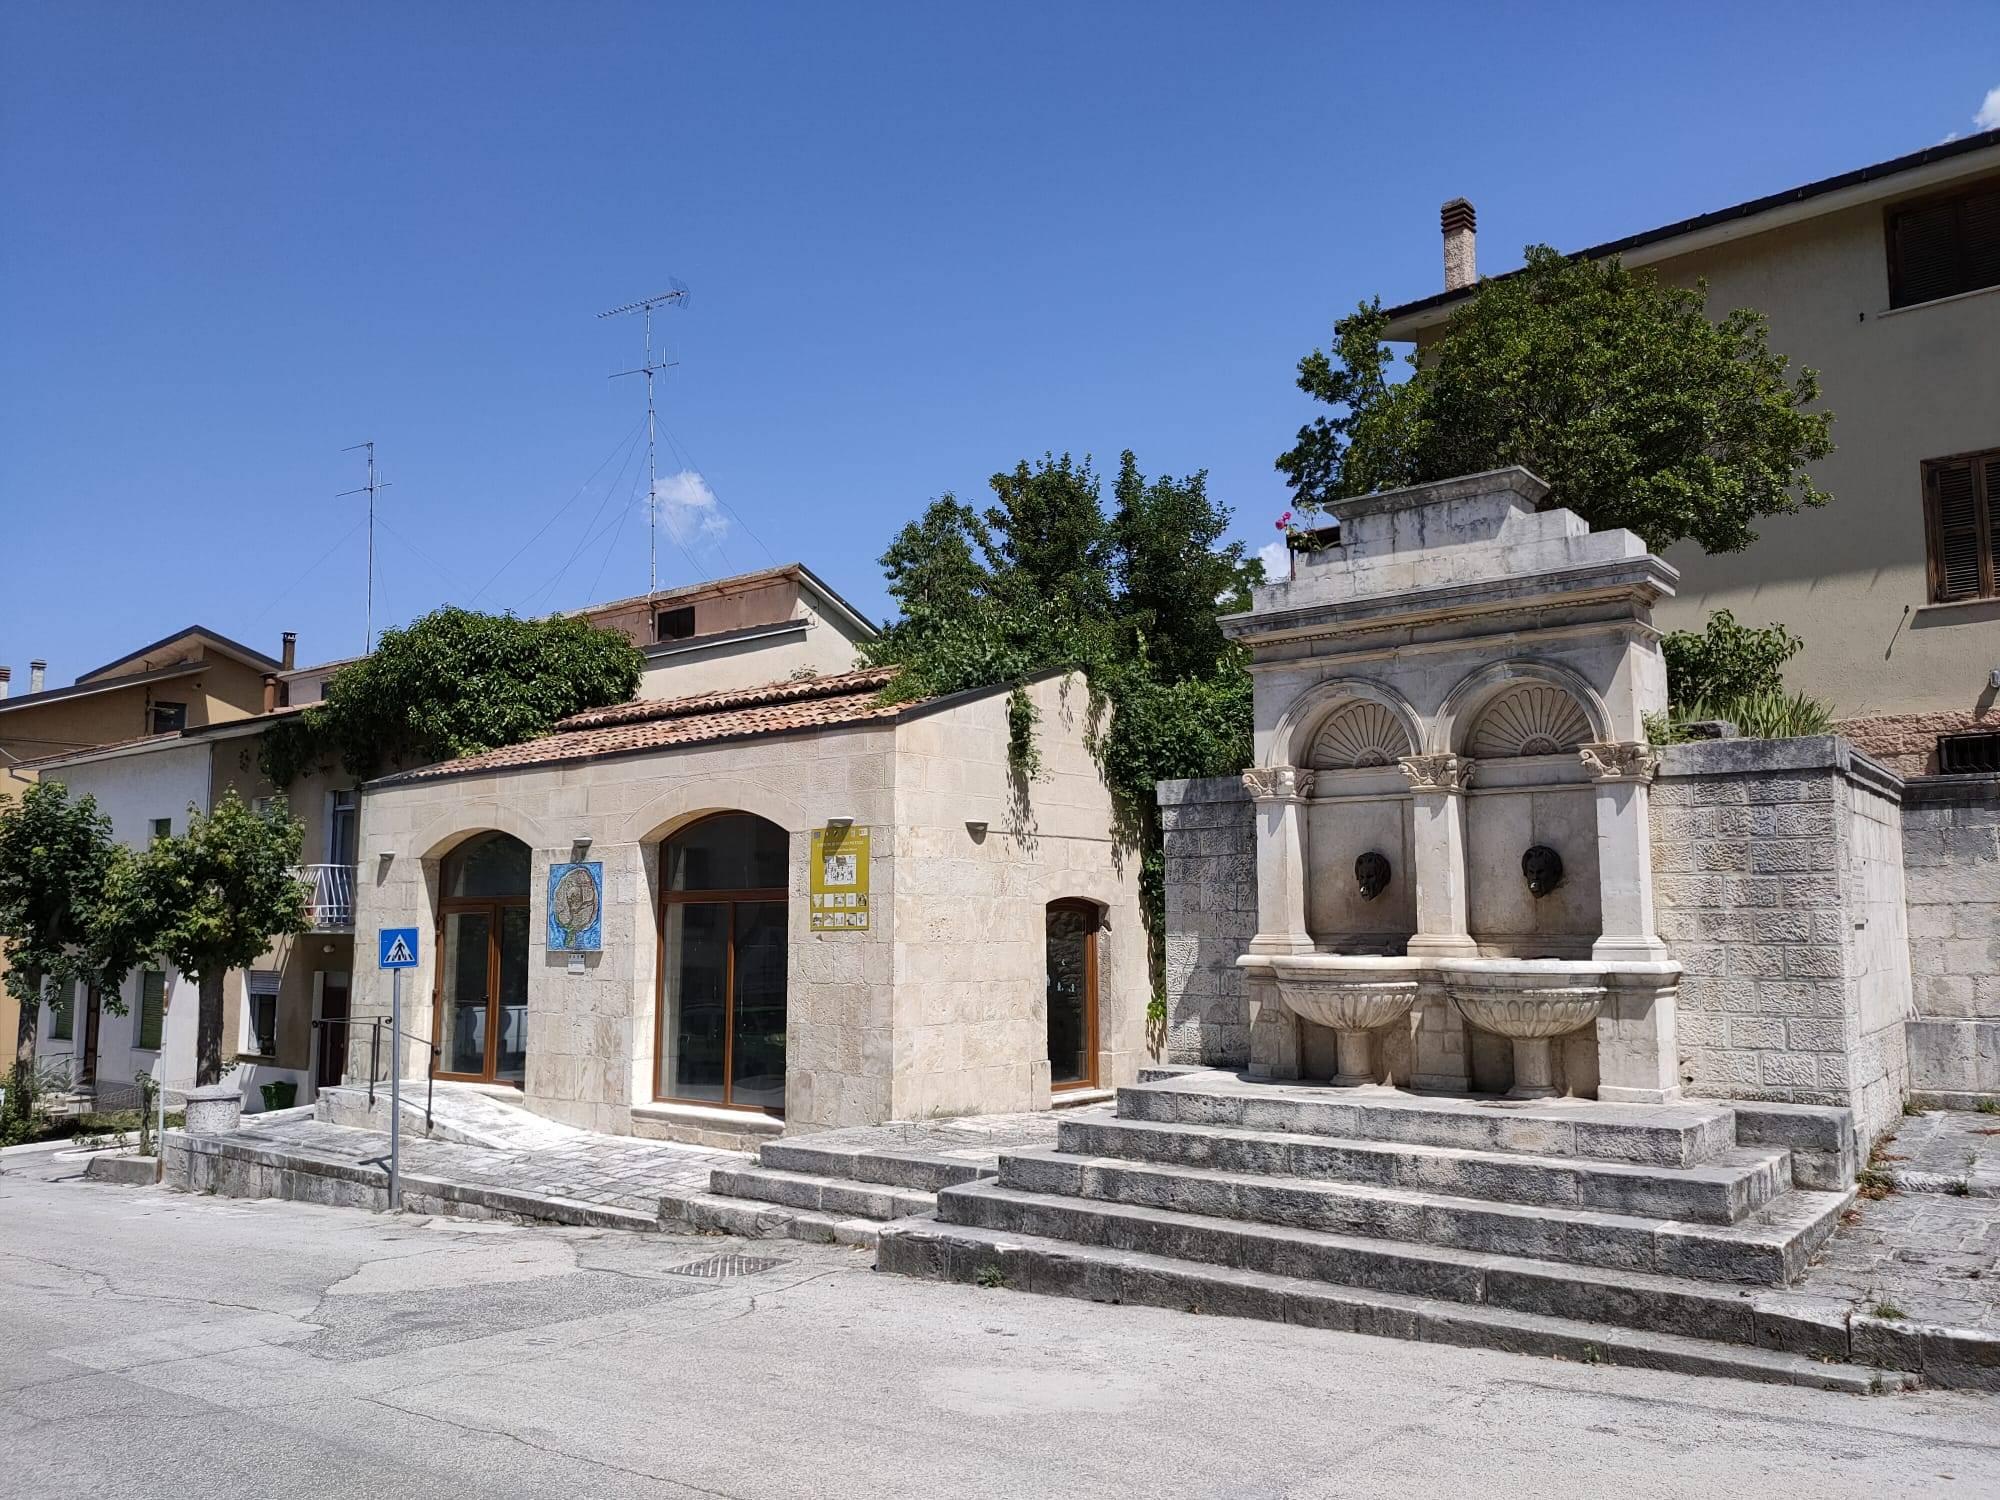 turismo,-progetto-di-promozione-di-poggio-picenze-vince-bando-regionale-per-valle-del-campanaro